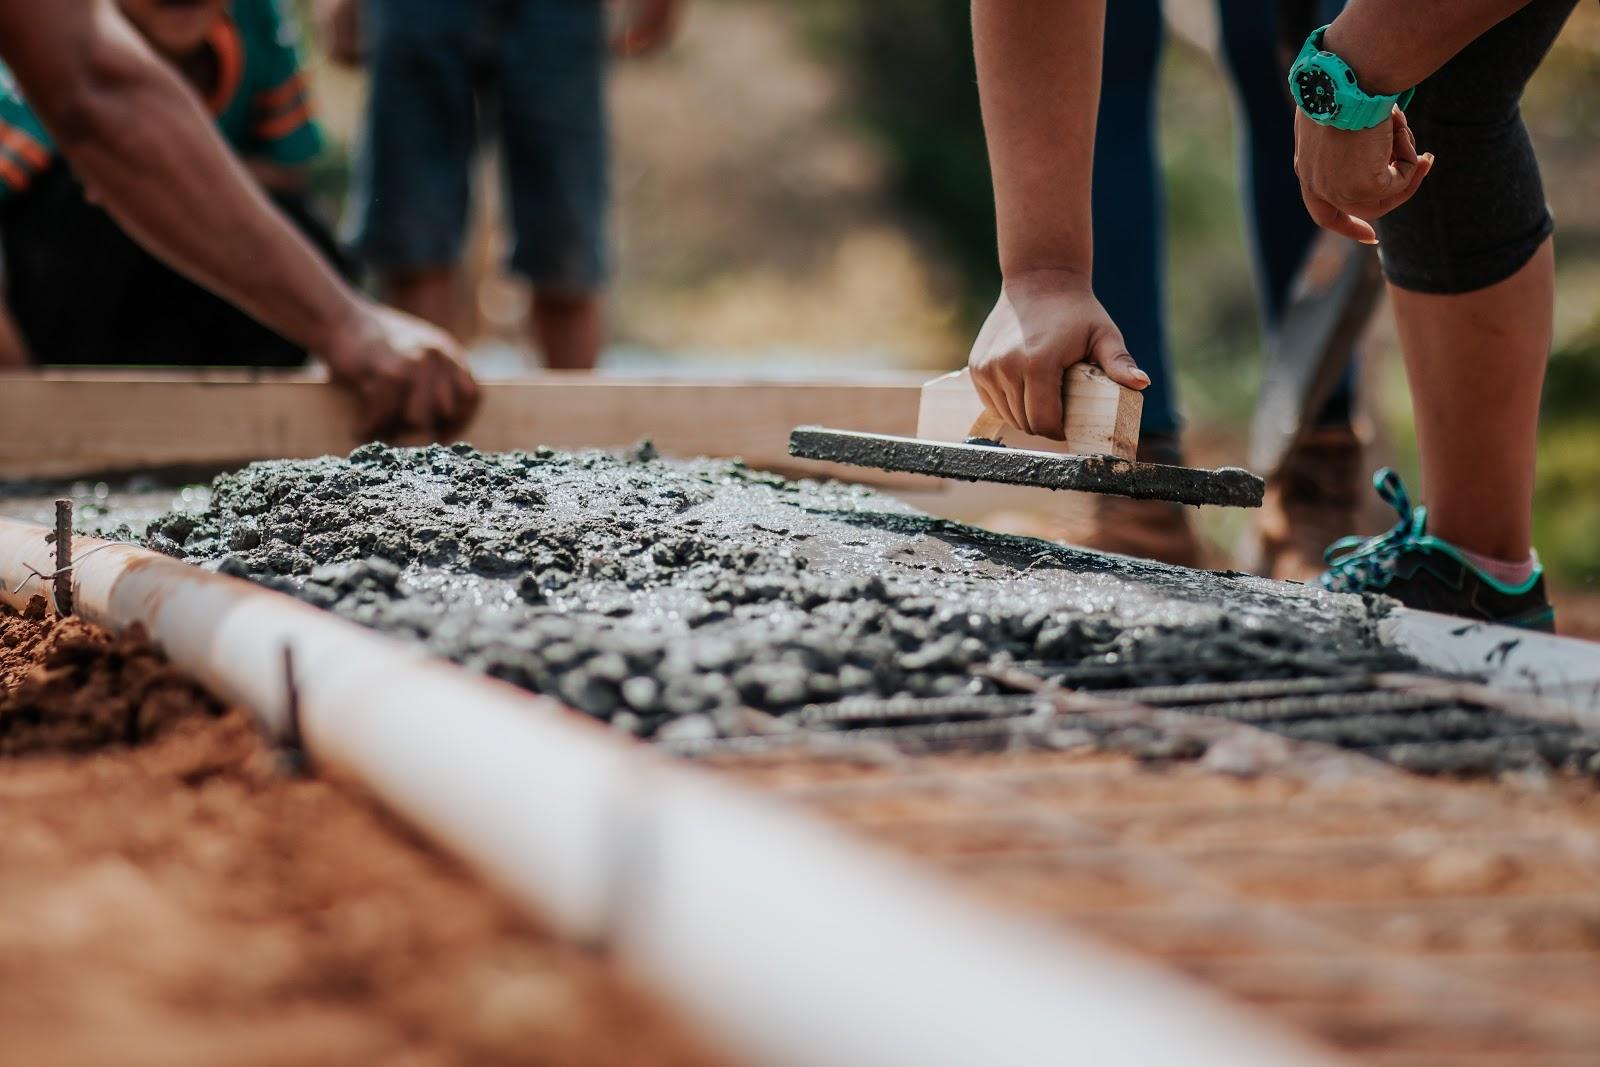 fondamenta-di-una-casa-antisismica:-da-dove-partire-per-realizzare-una-casa-davvero-resistente-ai-terremoti